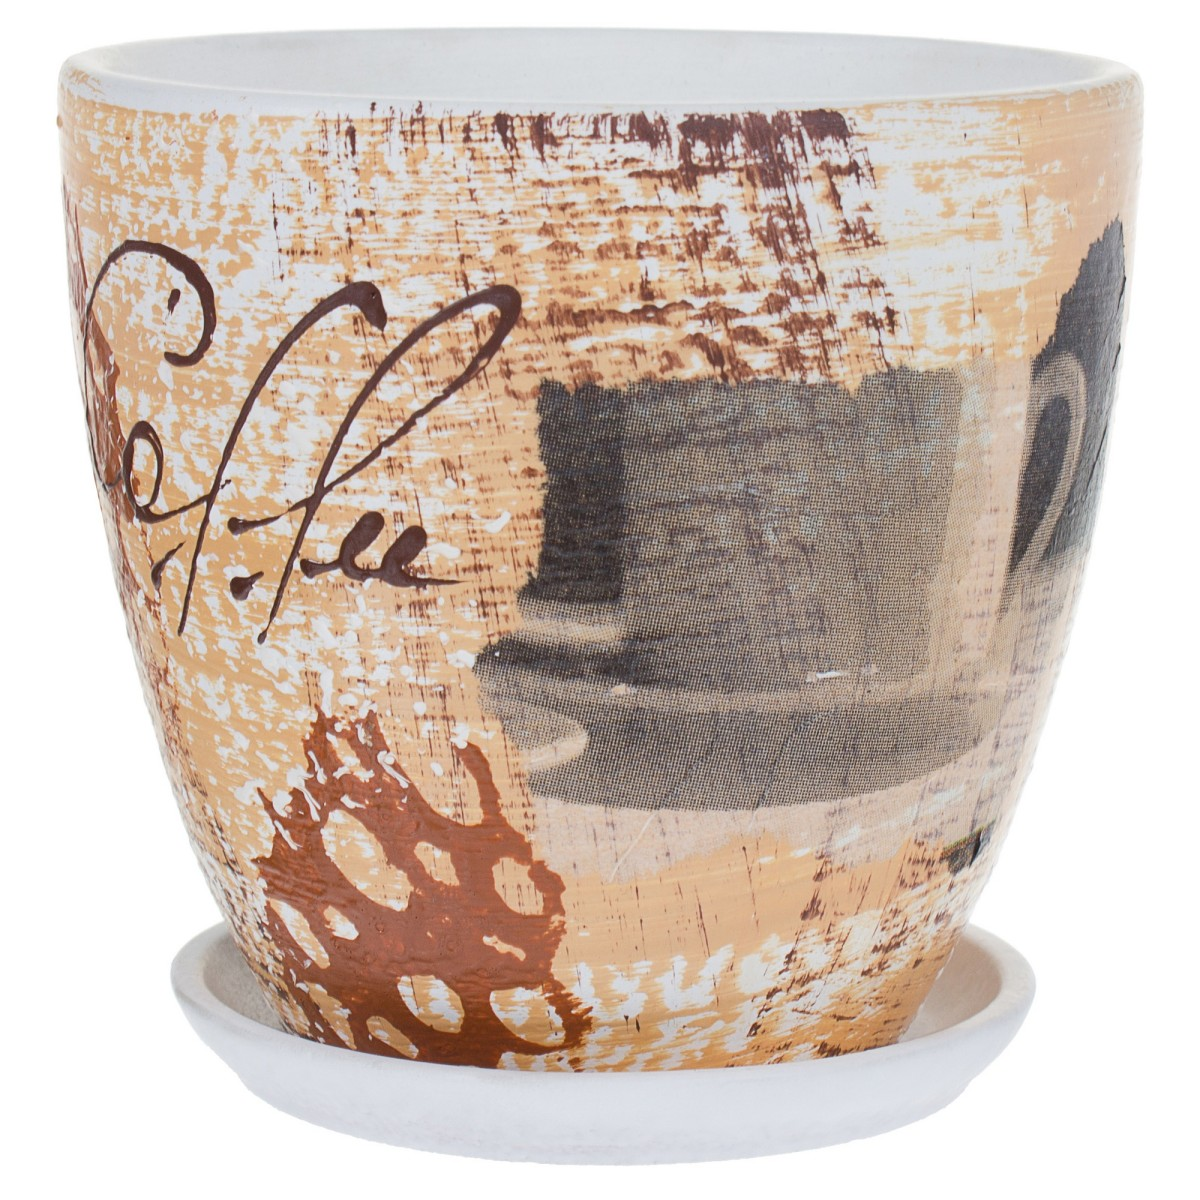 Горшок цветочный «Капучино» бежевый 1.5 л 150 мм керамика с поддоном